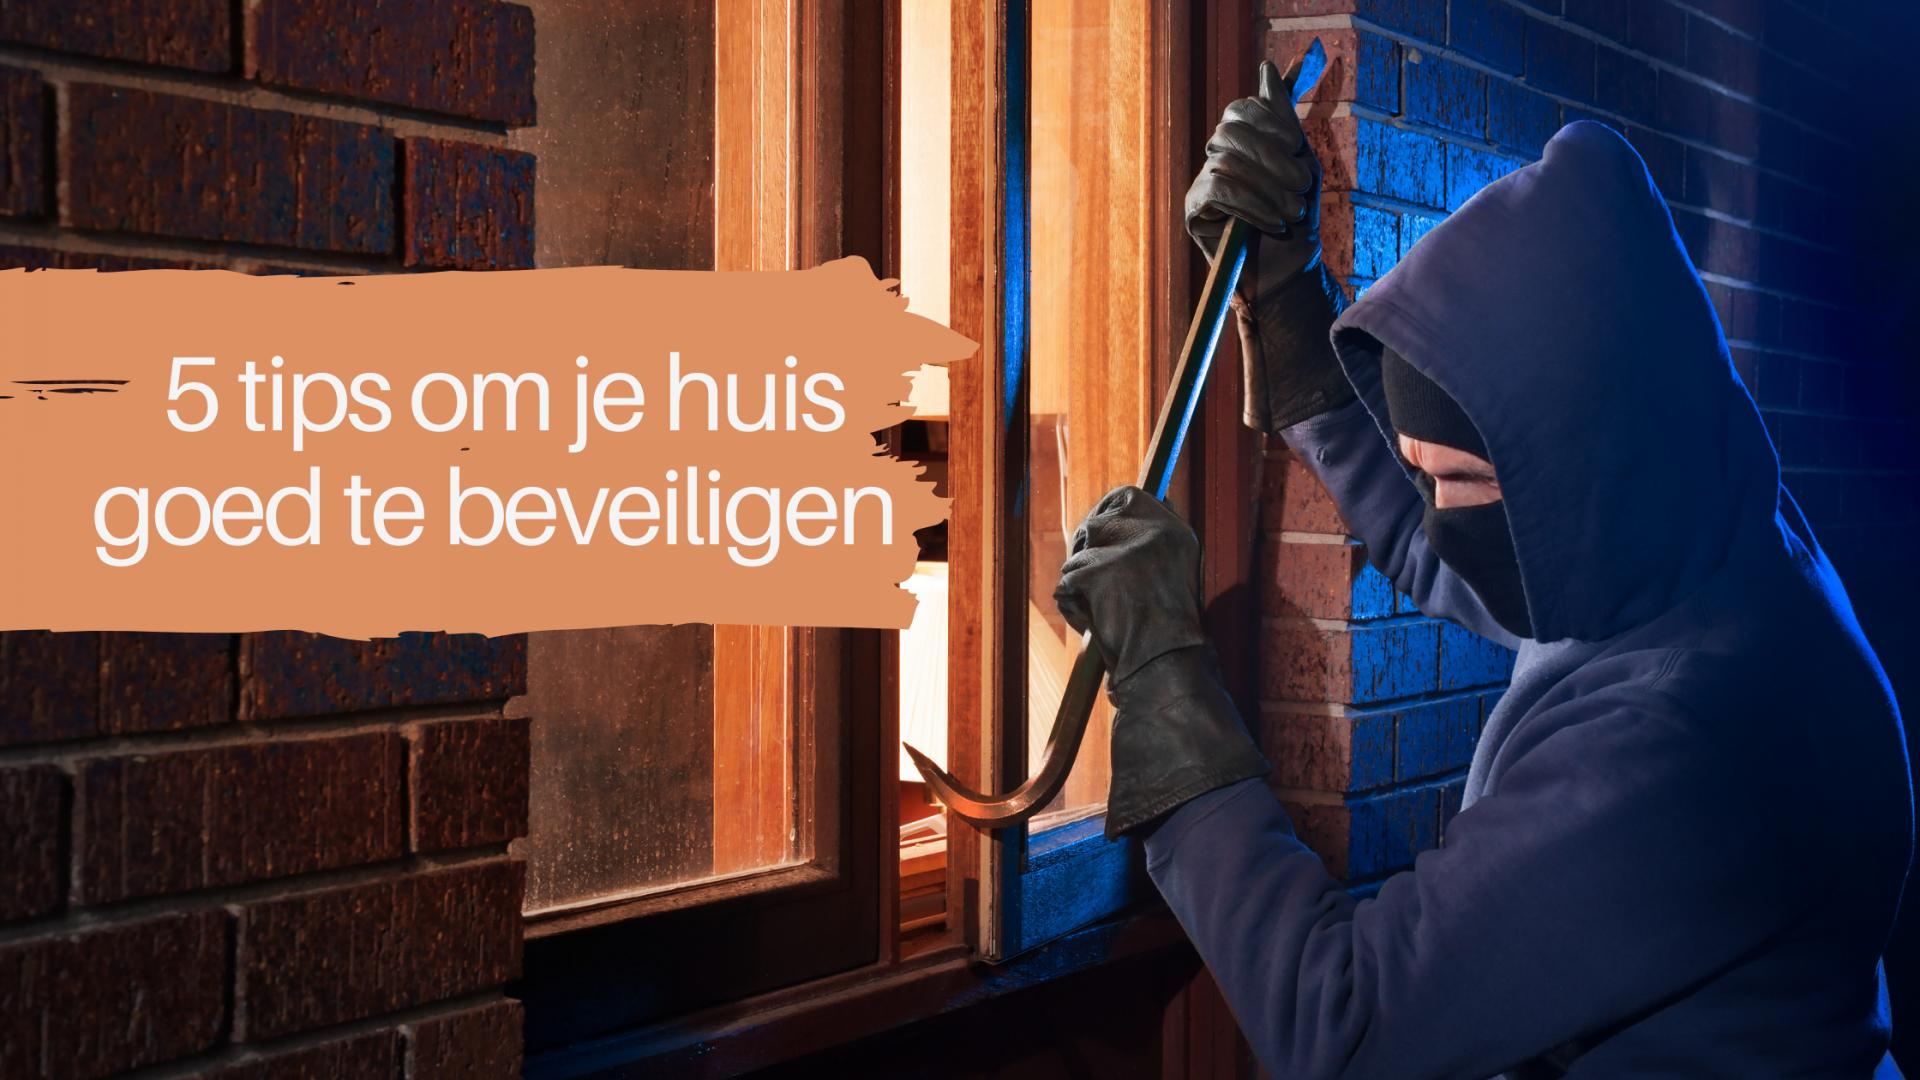 5 tips om je huis goed te beveiligen